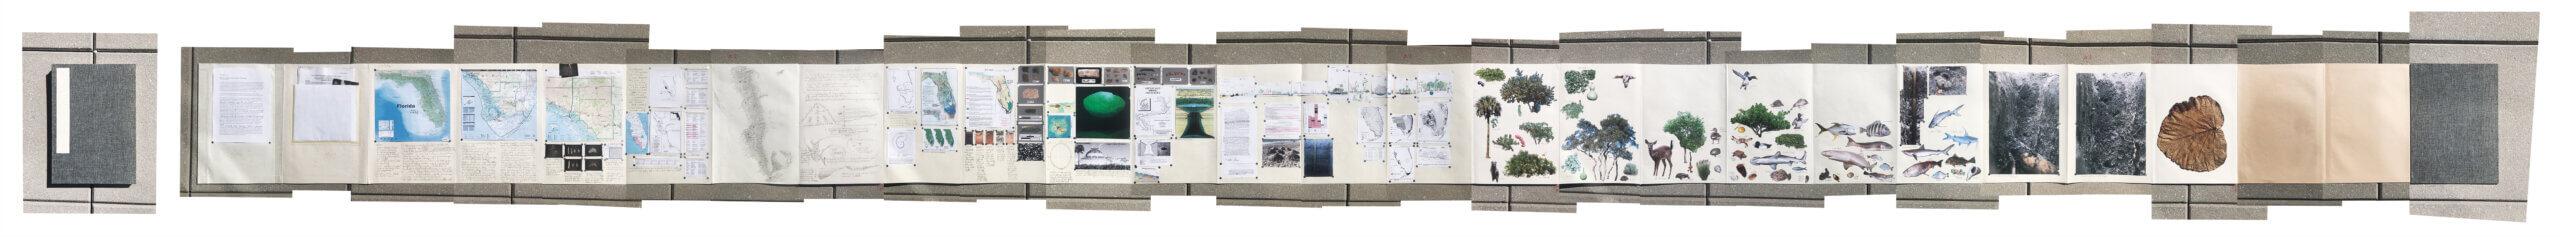 Delgado-Nicolas-captiva-island-florida-calusa-research-notebook